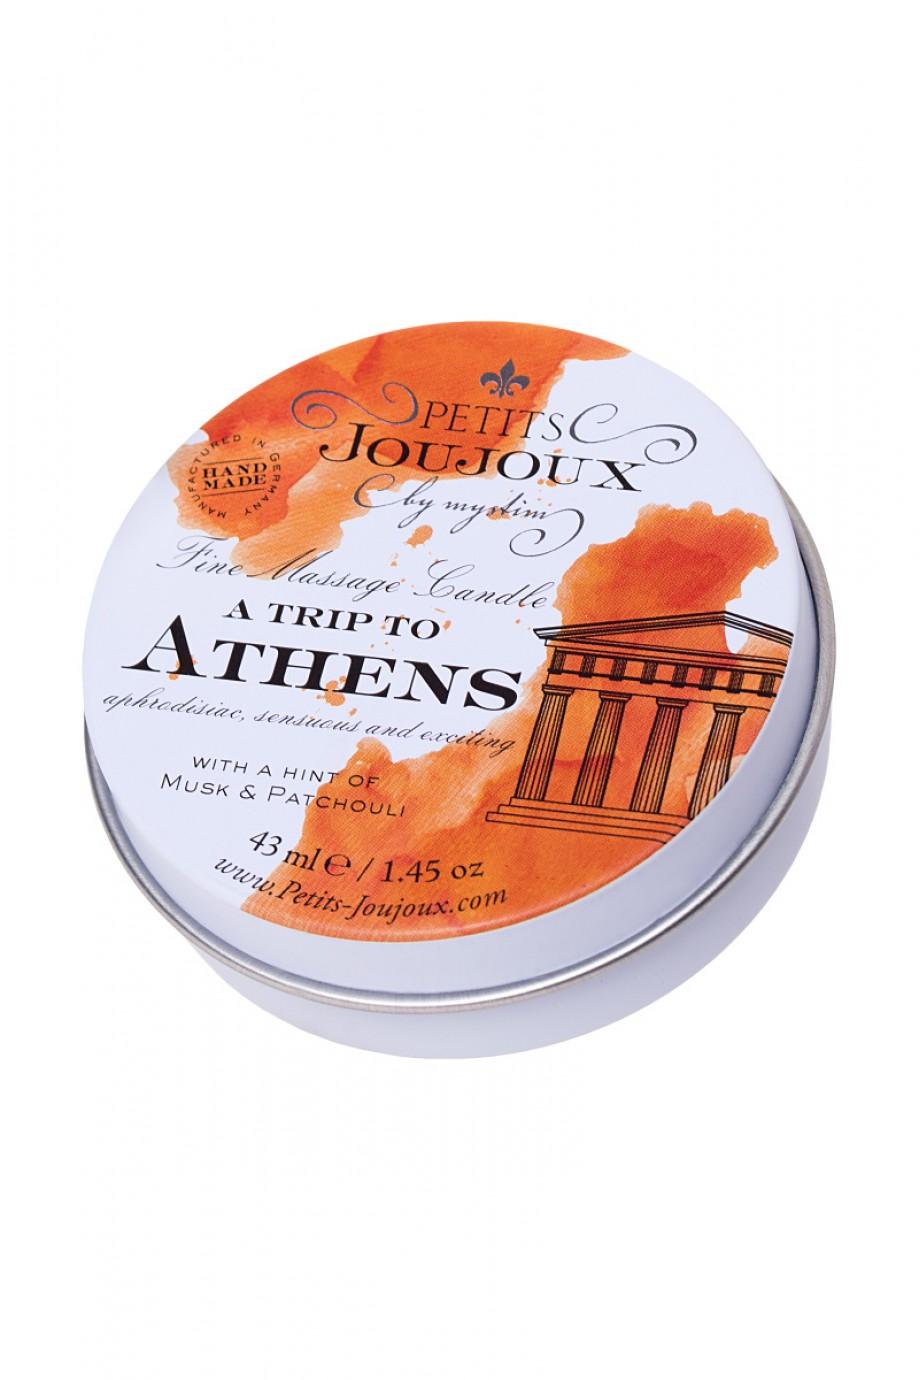 Массажная свеча Petits JouJoux Mini Athens с ароматом мускуса и пачули, 43 мл